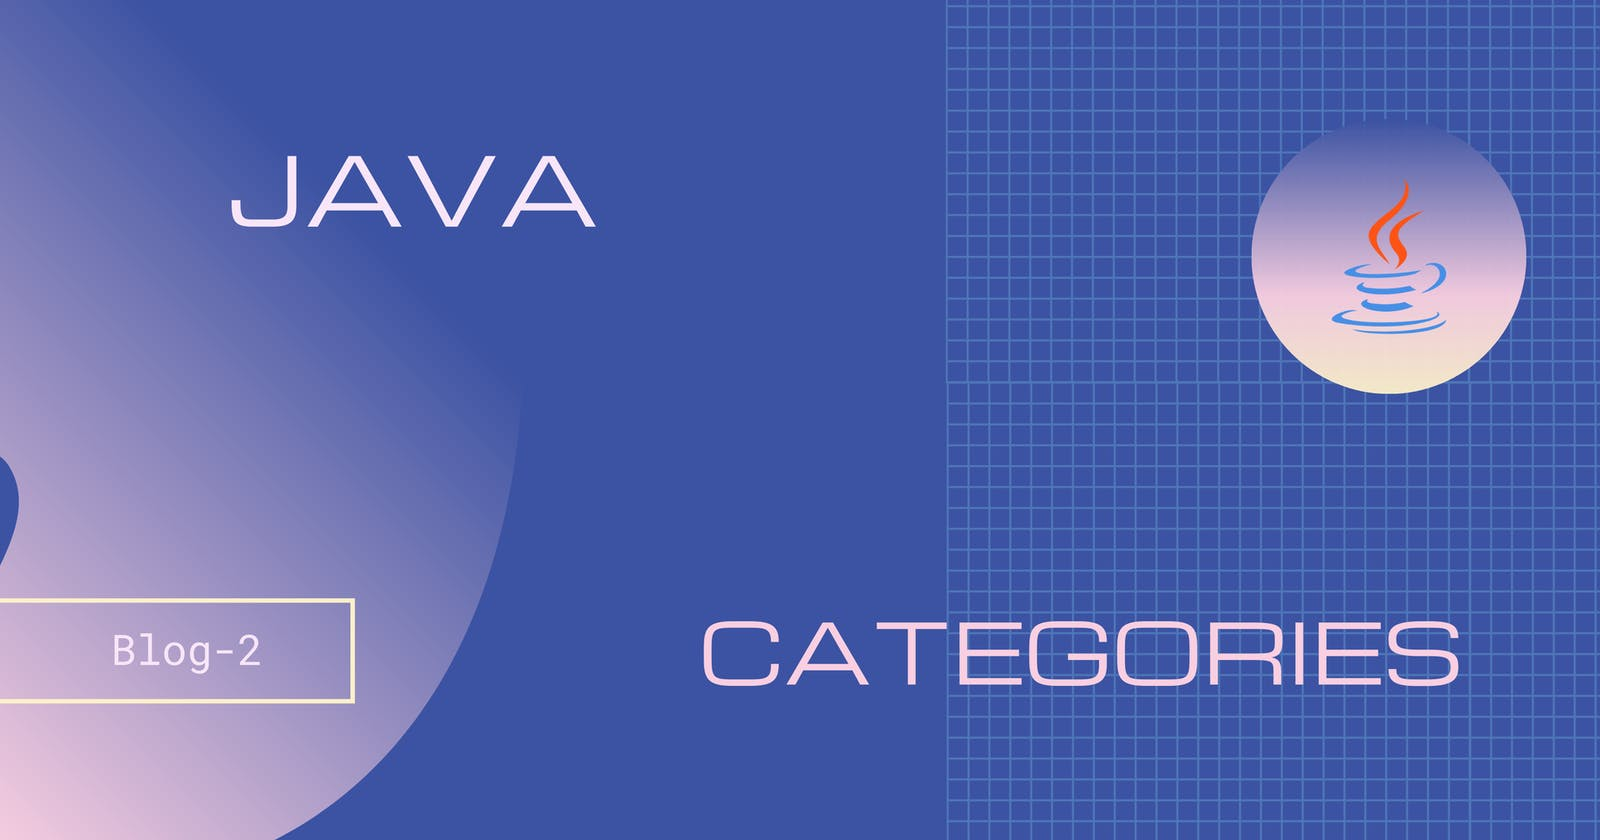 Java Categories/Platforms/Editions